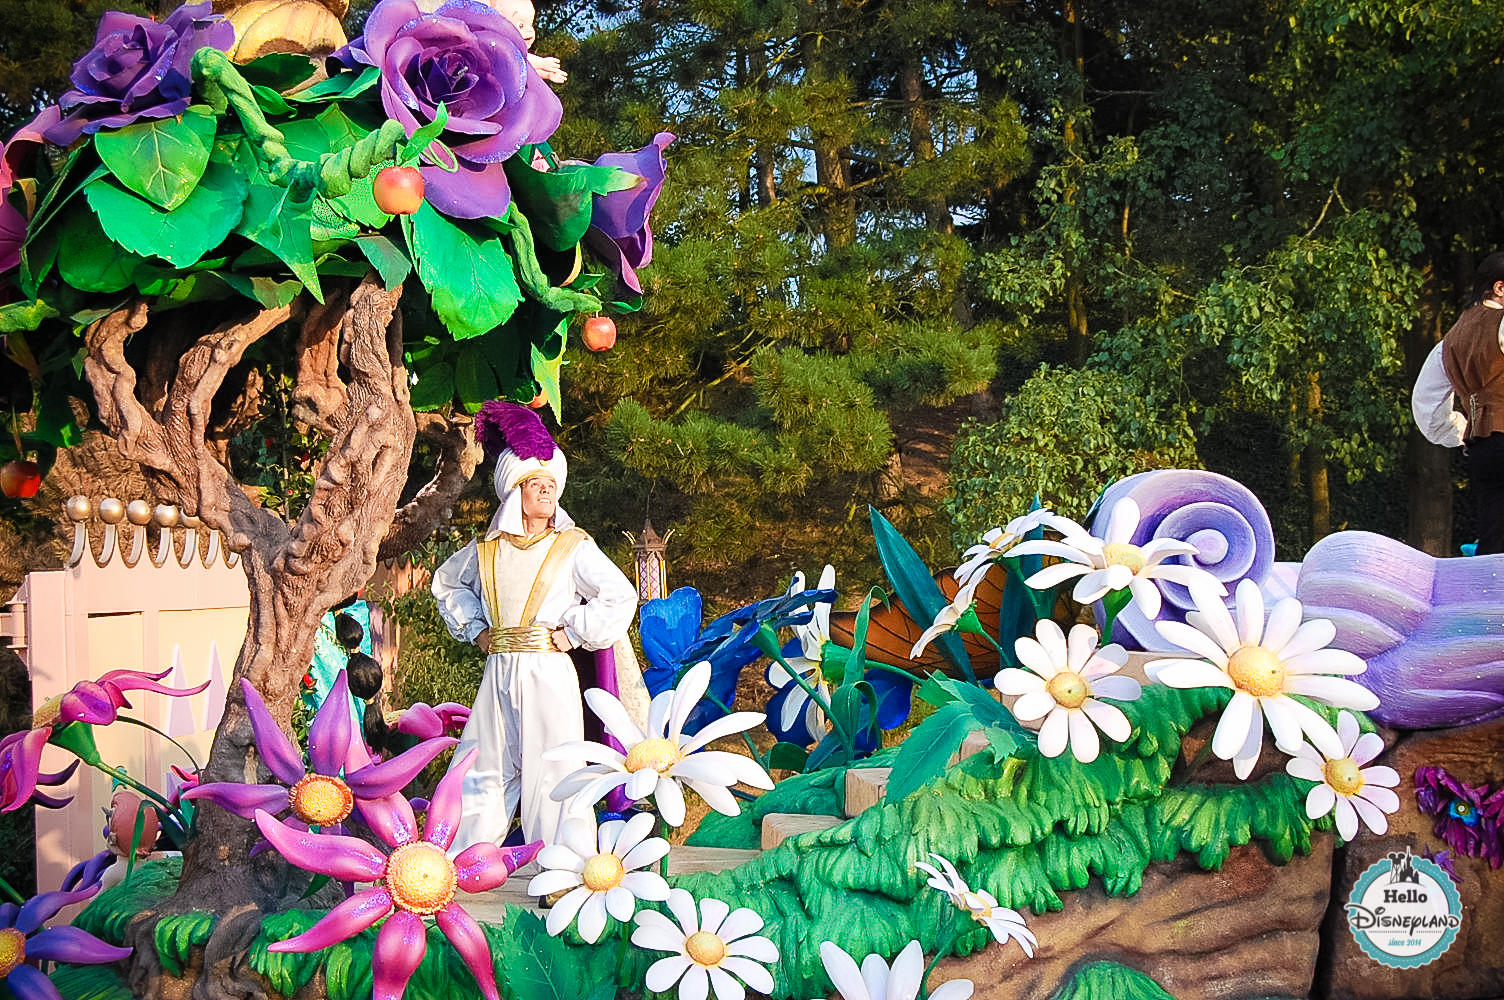 Disney Once Upon a Dream Parade - Disneyland Paris -32